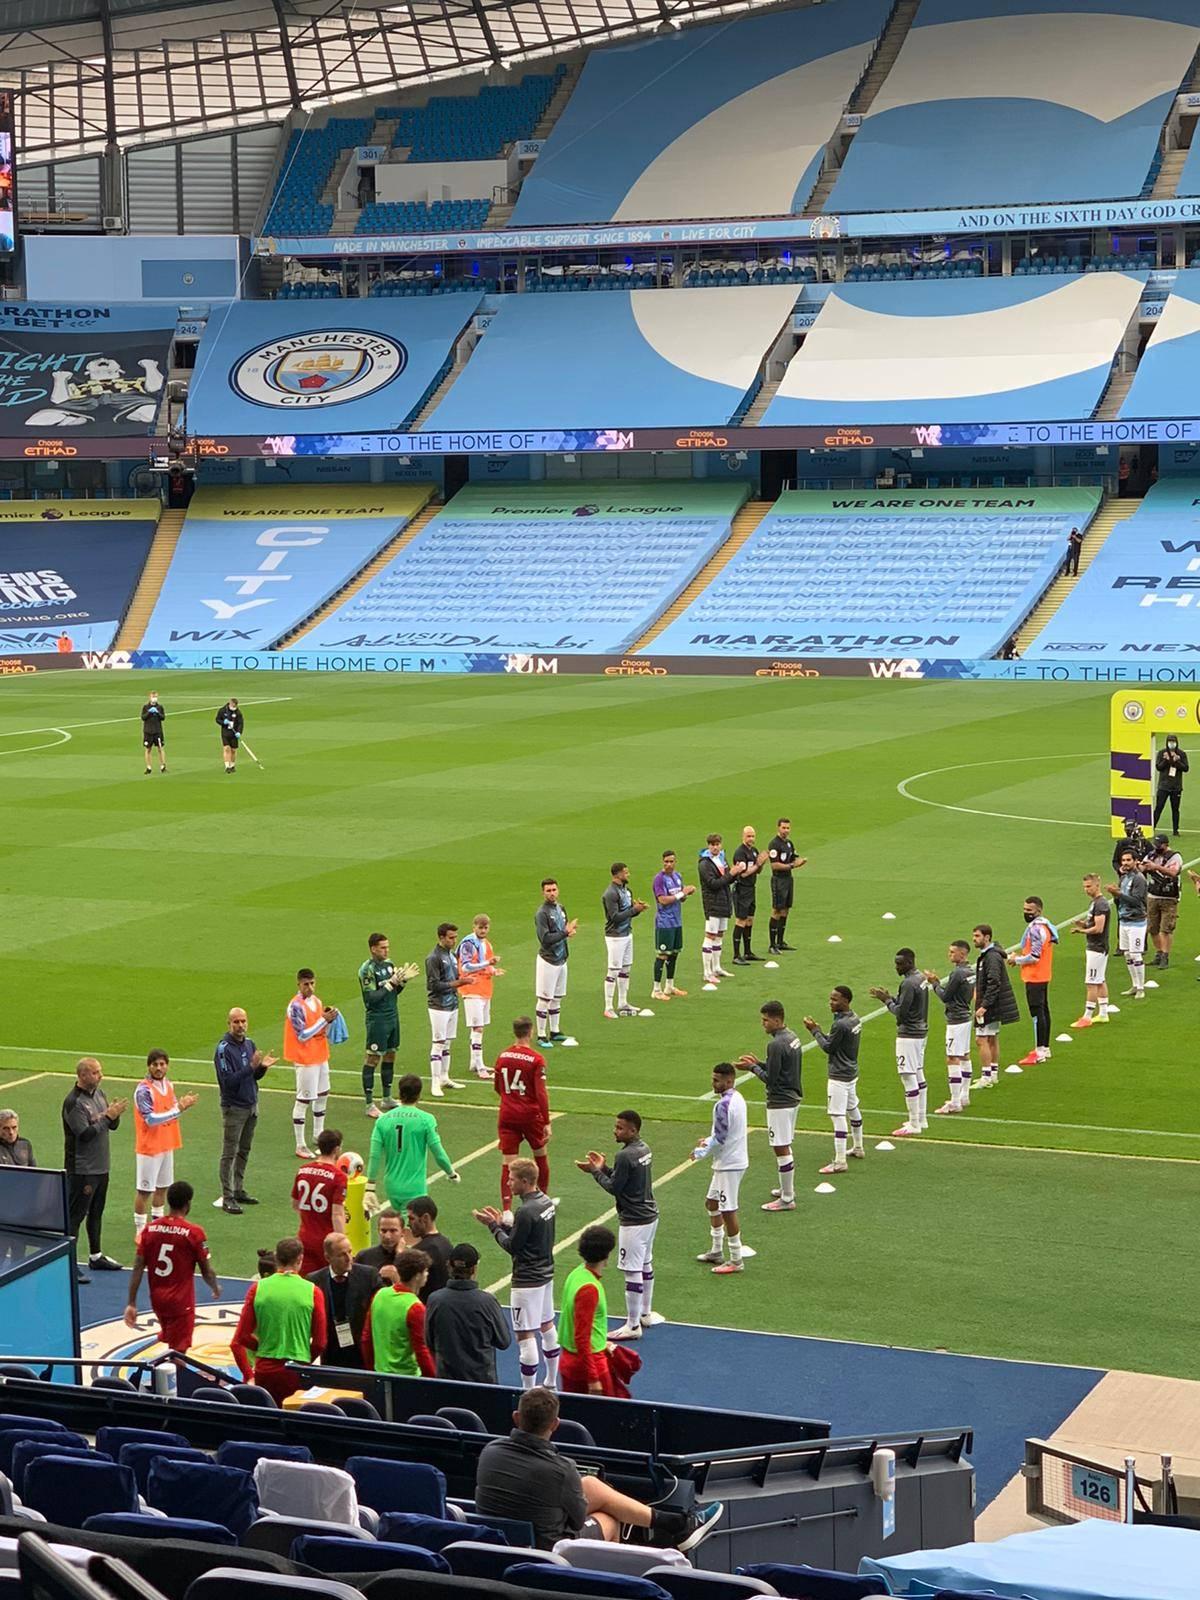 利物浦荣耀时刻!曼城两侧列队鼓掌 恭迎